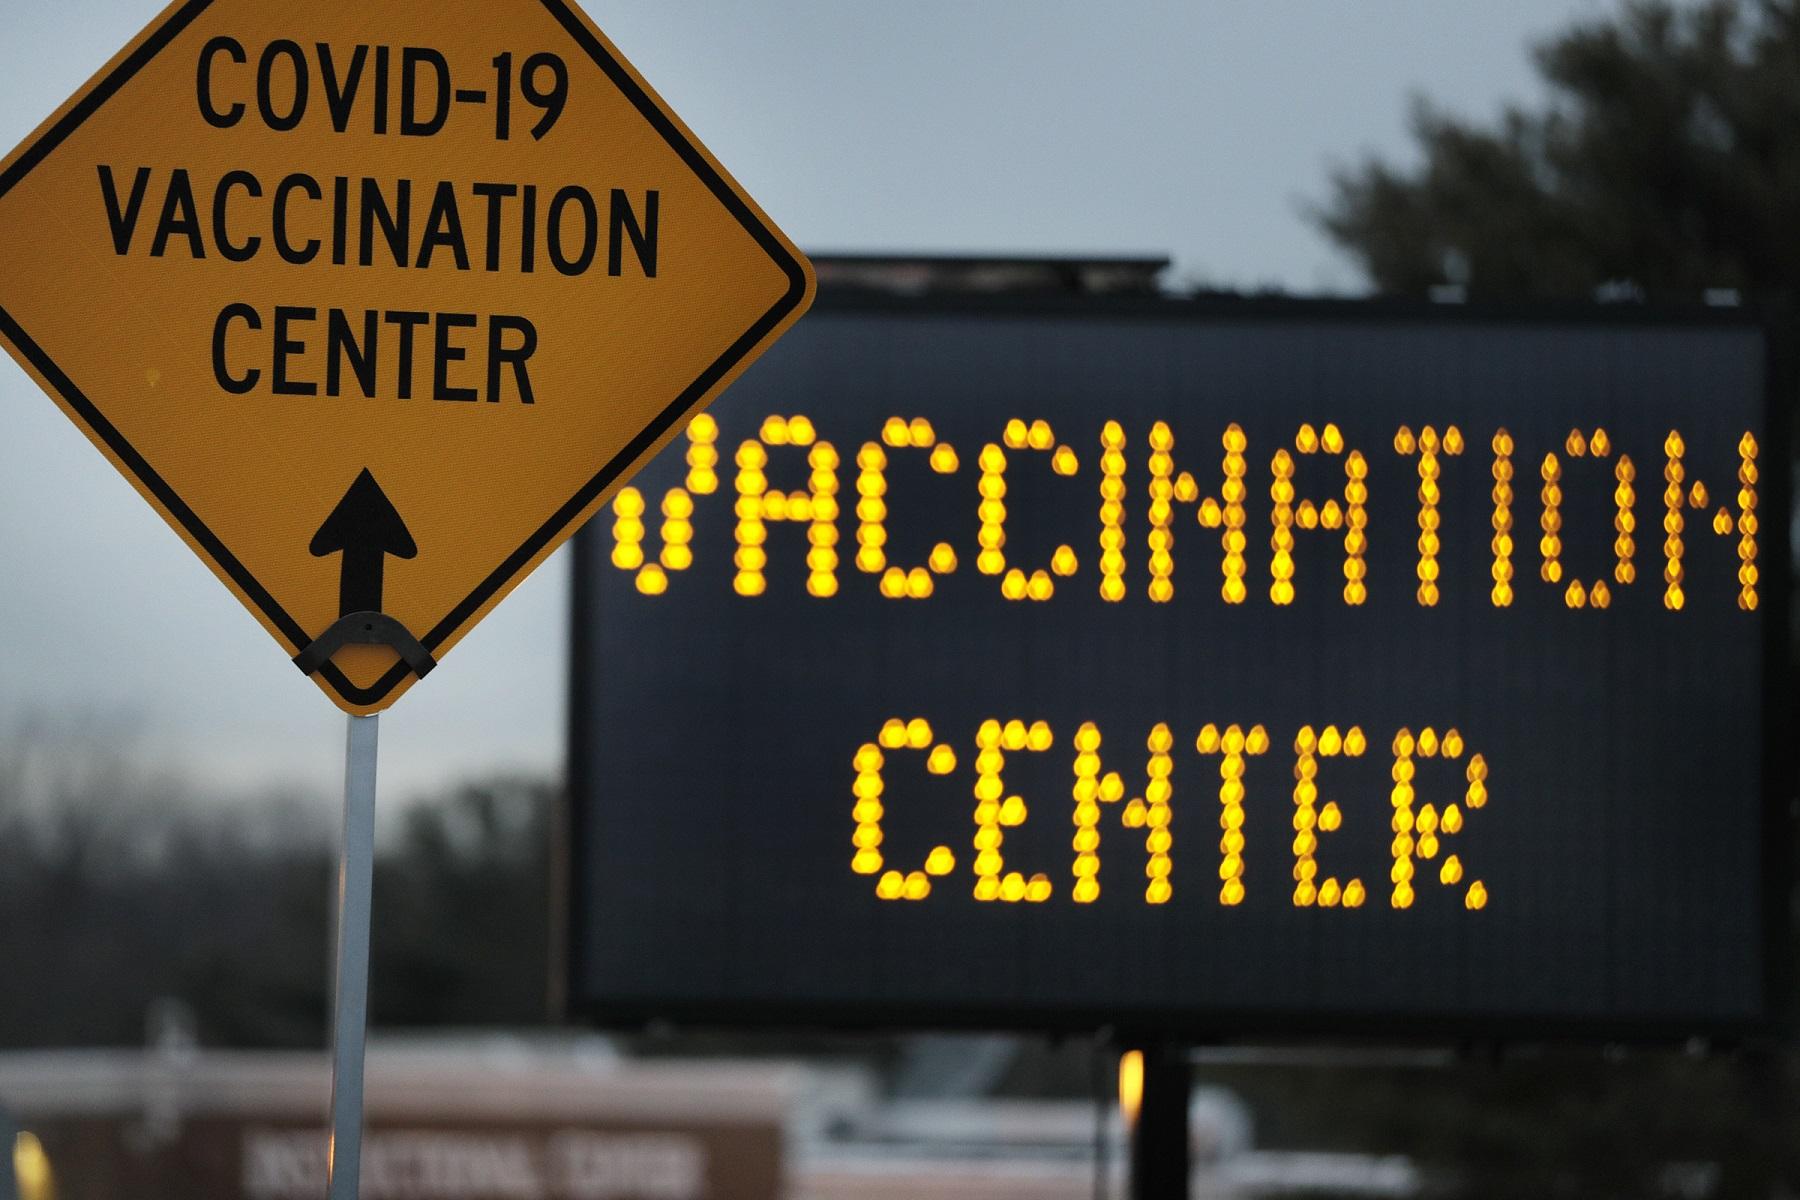 ΗΠΑ Εμβολιασμοί: Το New Jersey πετυχαίνει τον εμβολιαστικό του στόχο COVID-19